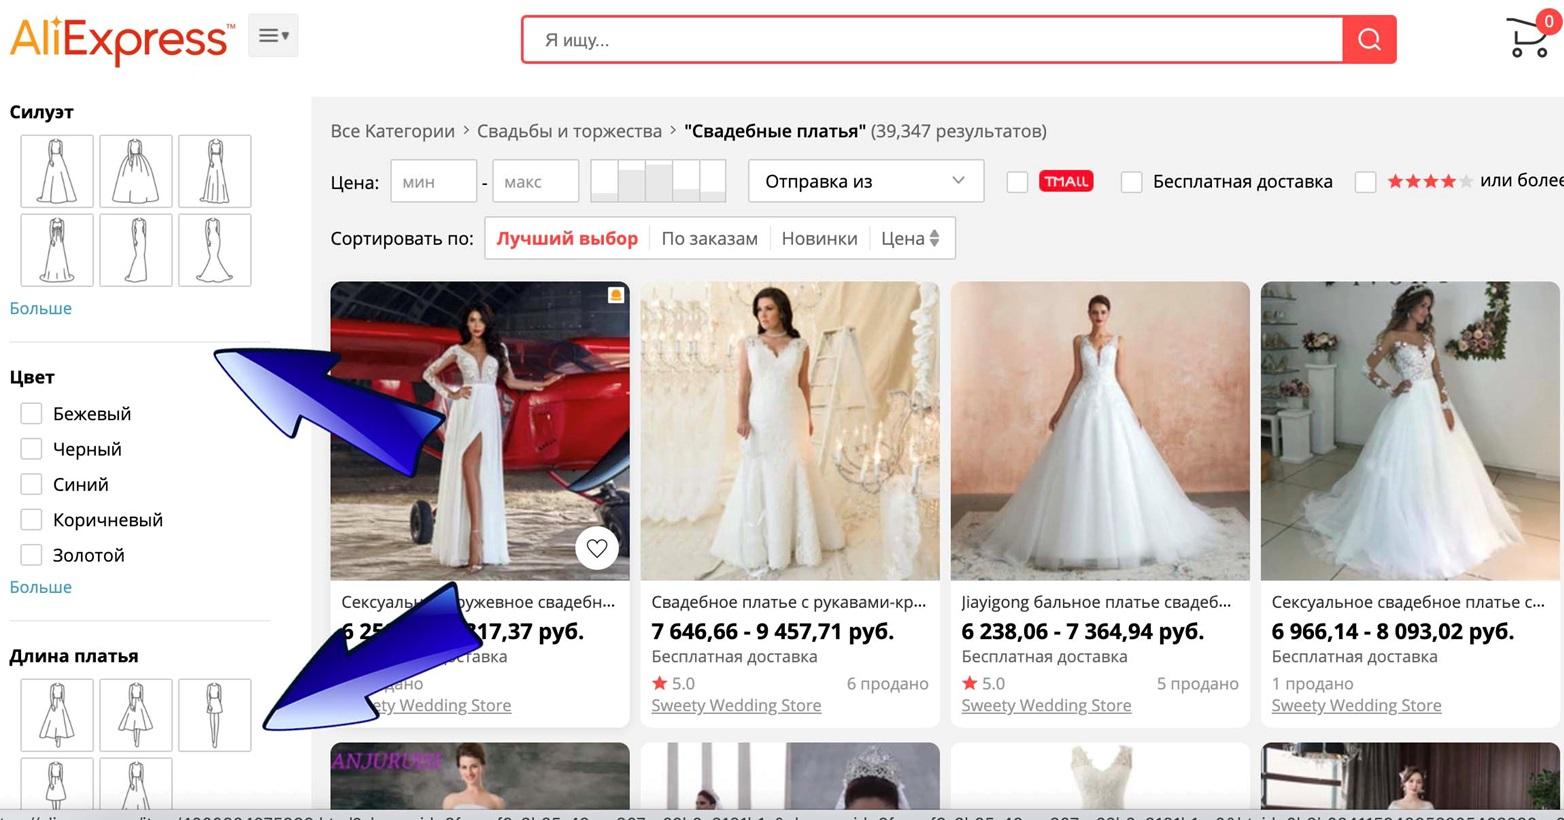 фильтр по силуэту платья, цвету, длине, материалу